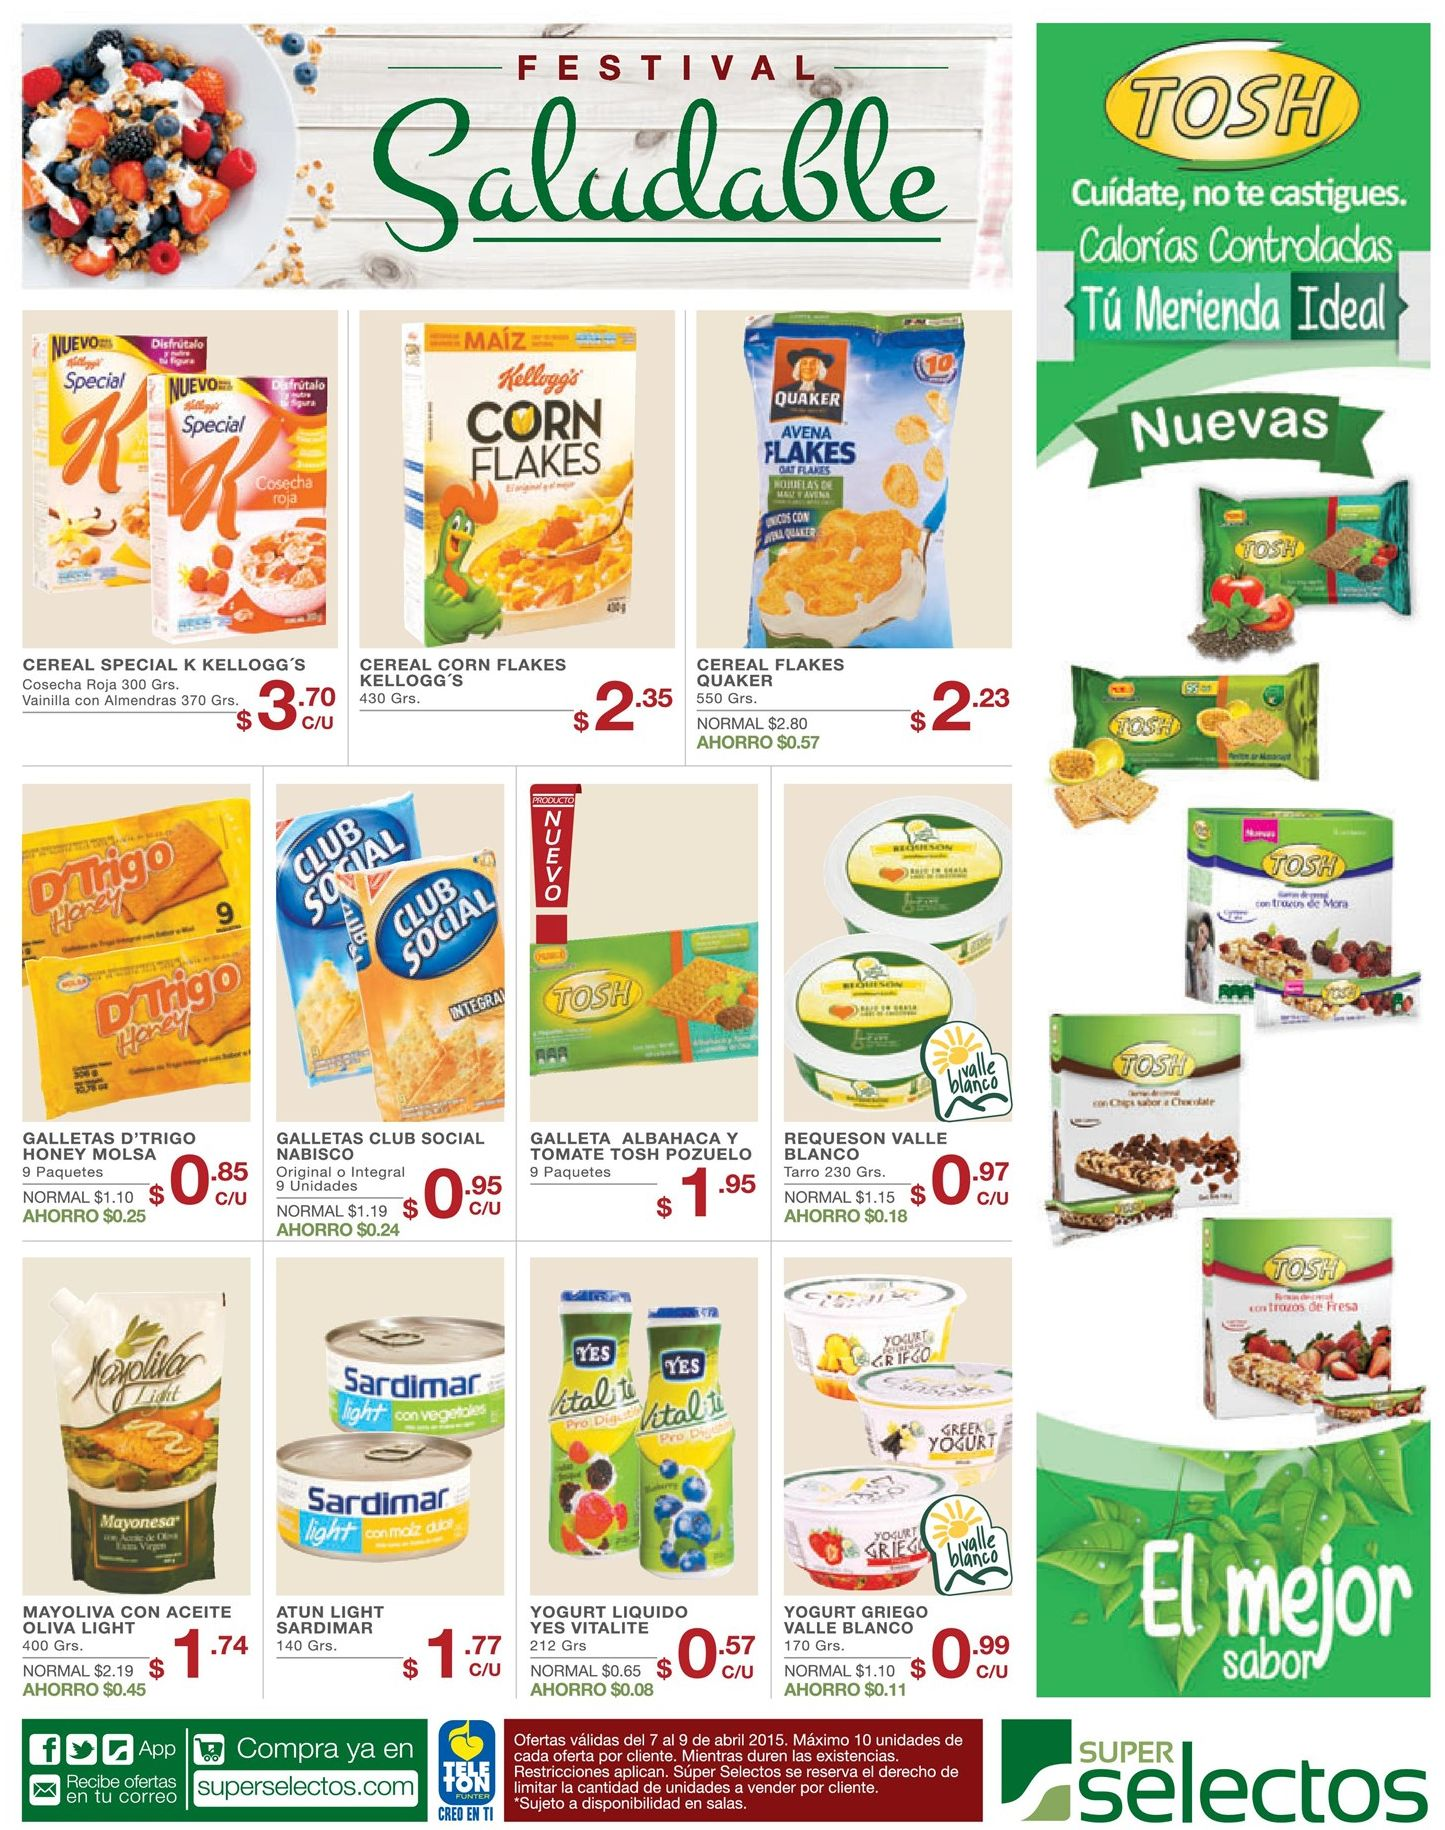 Super Selectos te presenta su linea de productos saludables CONOCELOS